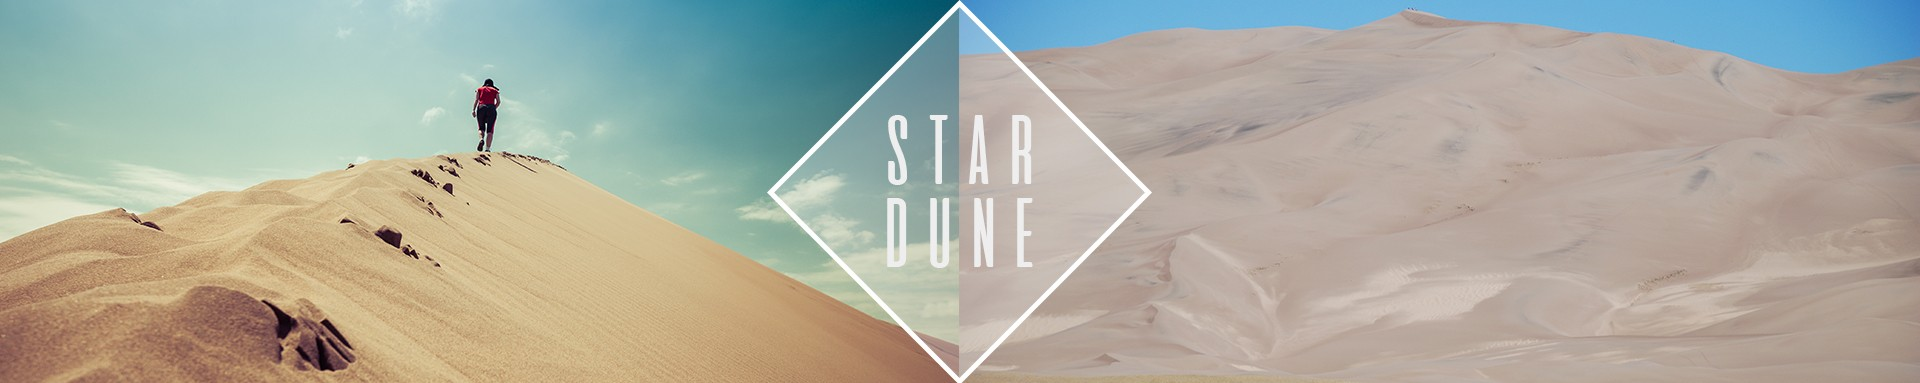 star dune